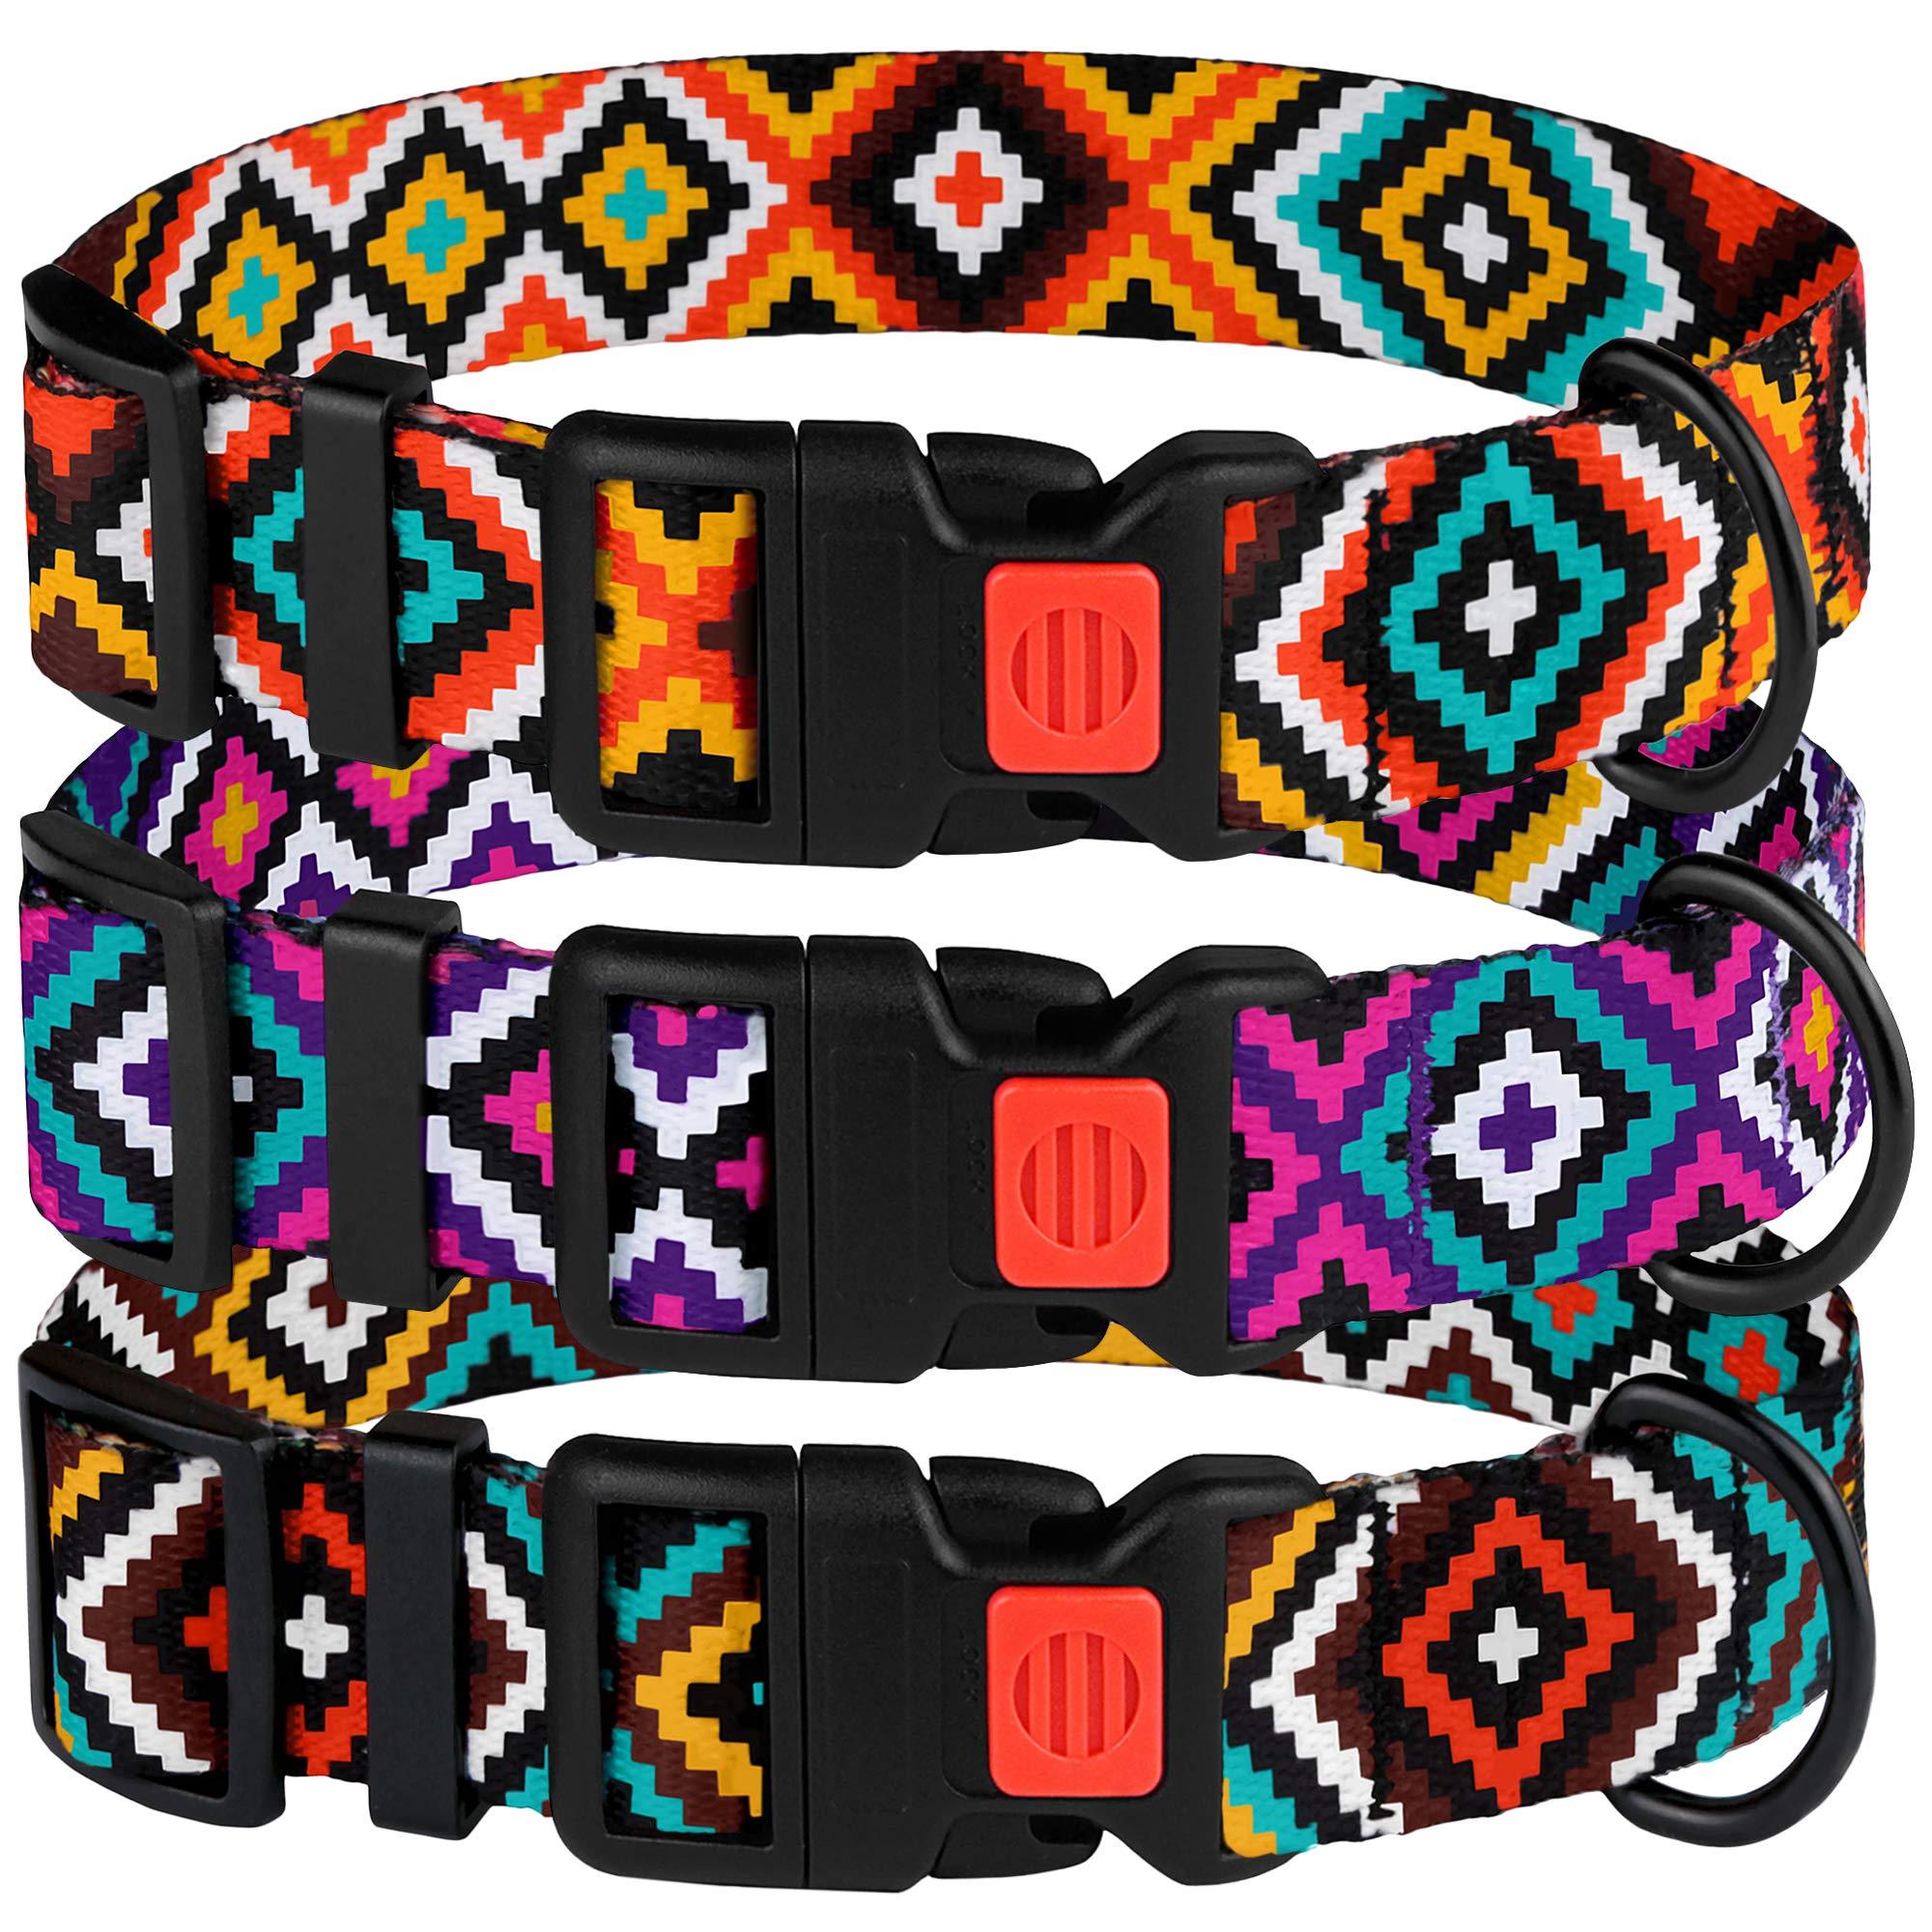 cute dog collar dog collar tribal dog collar Indian dog collar Aztec dog collar